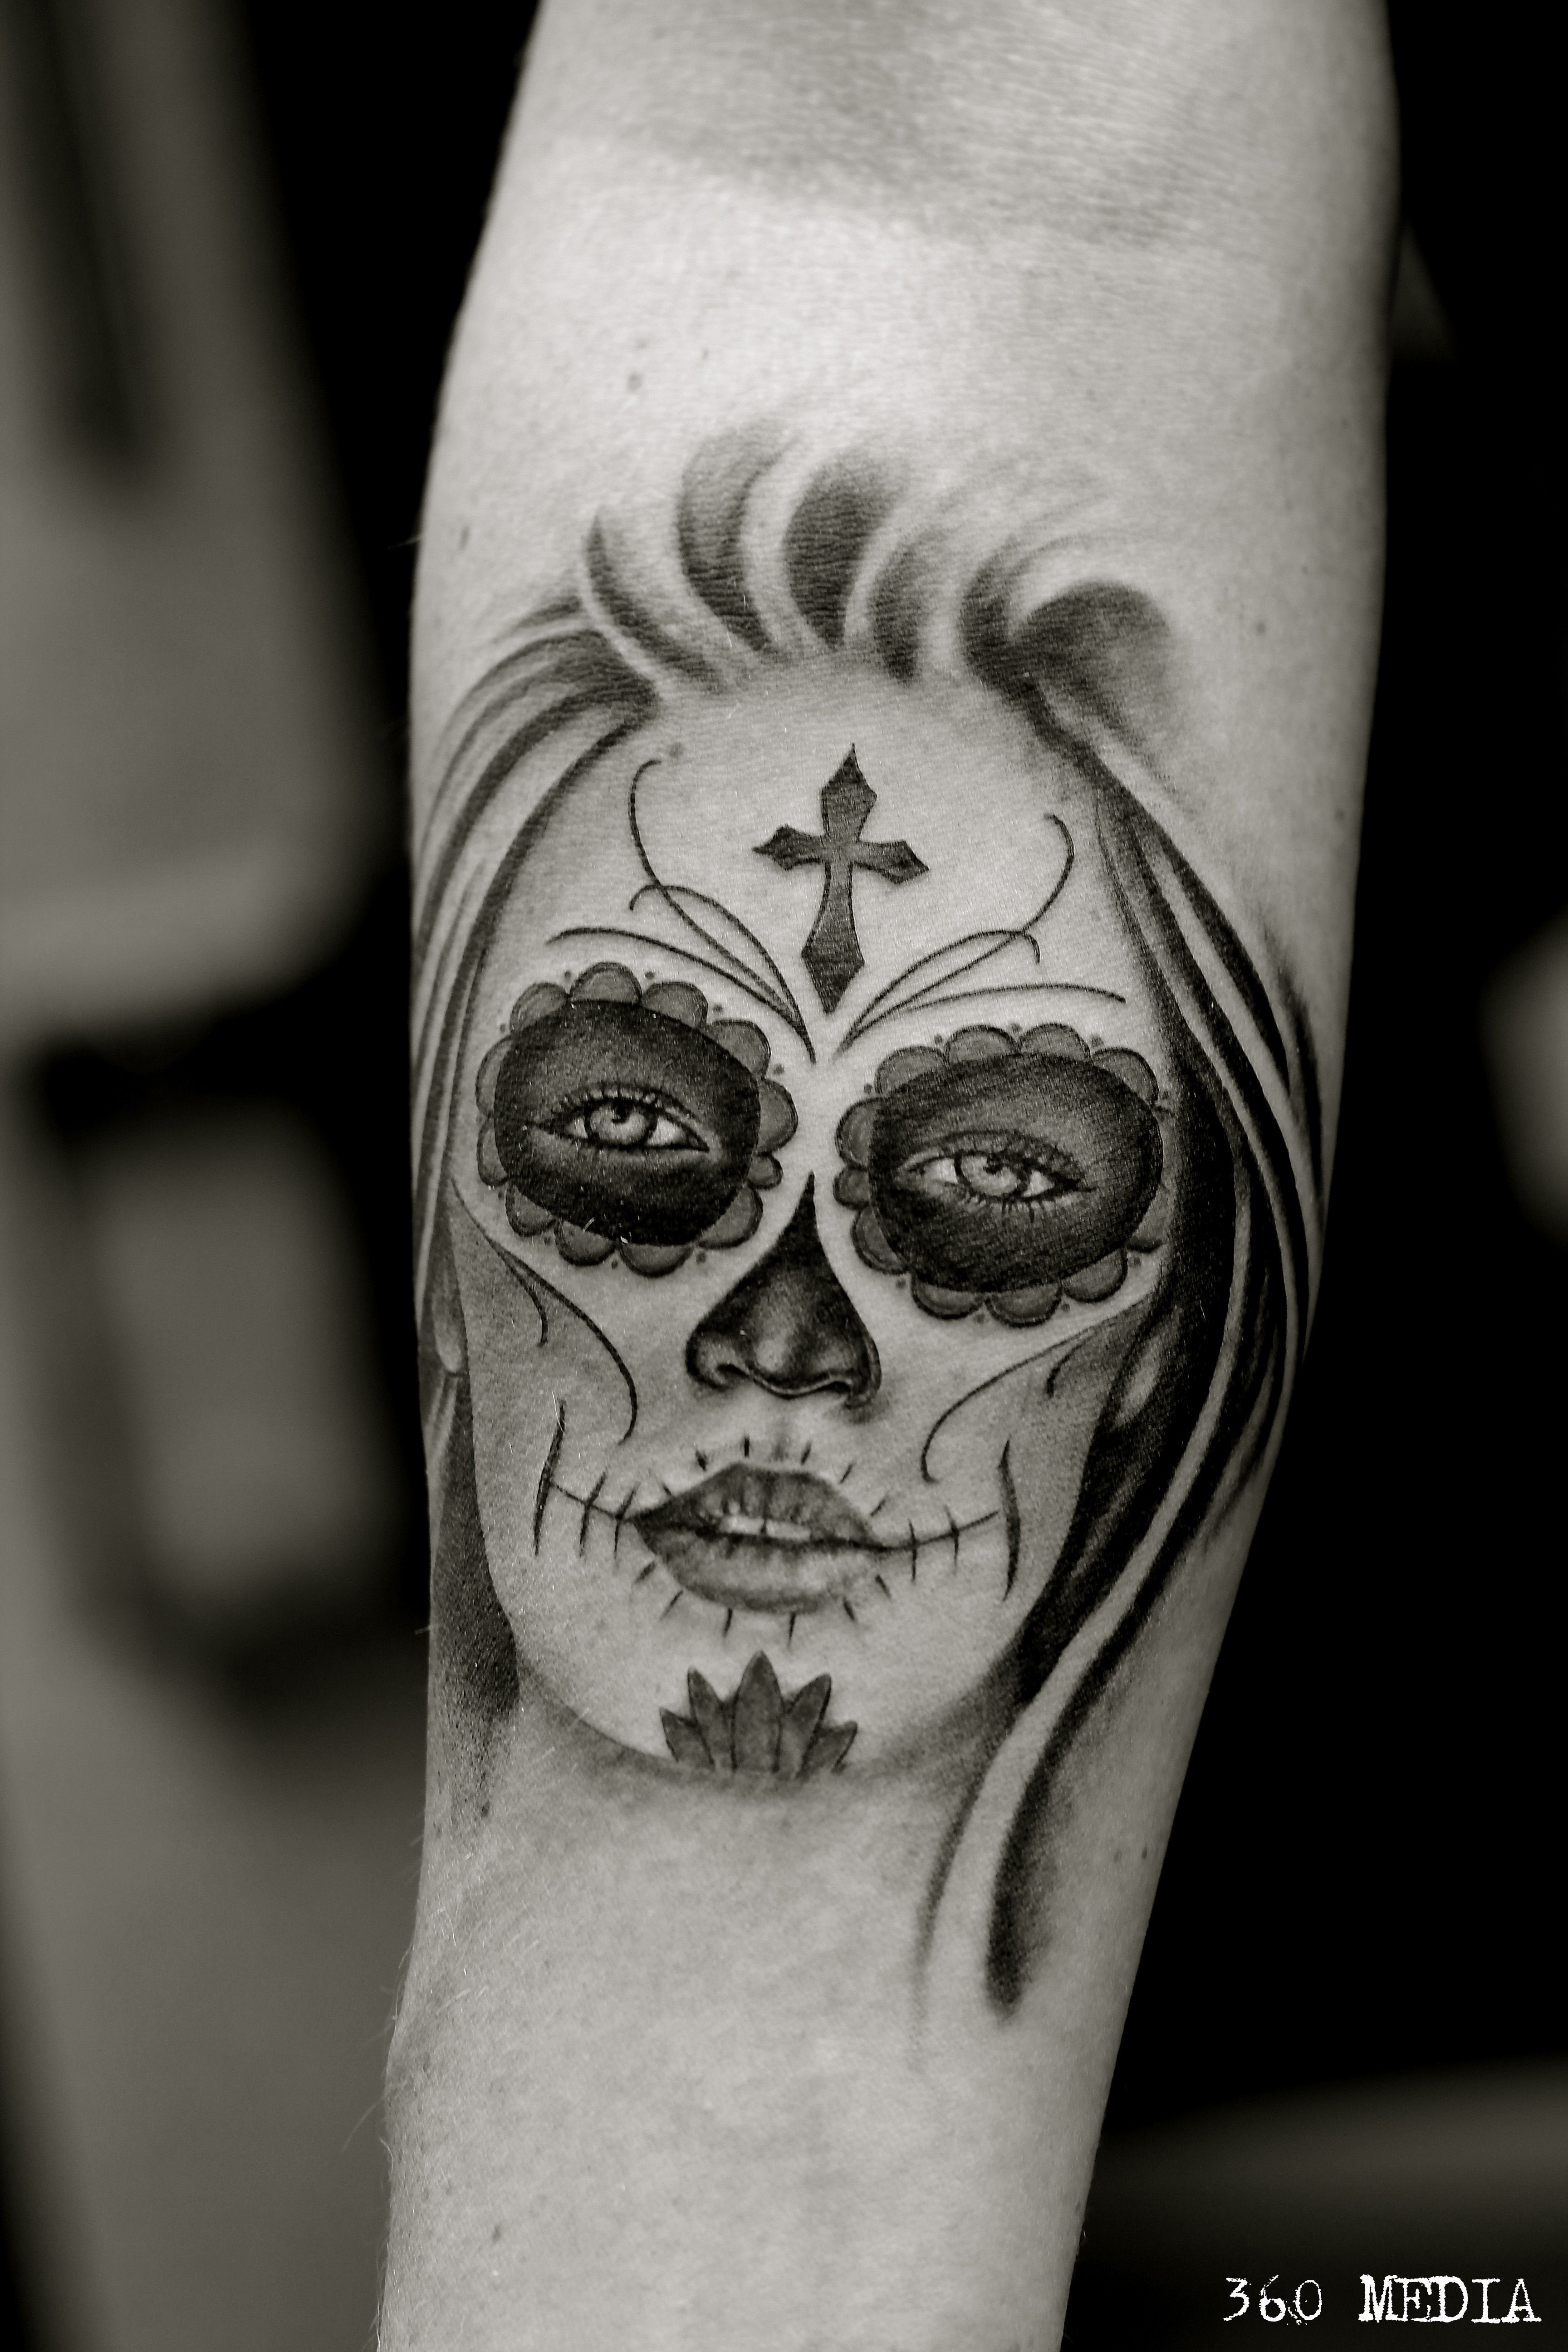 Sugarskullladytattoo tattoo sugarskull sugargirl